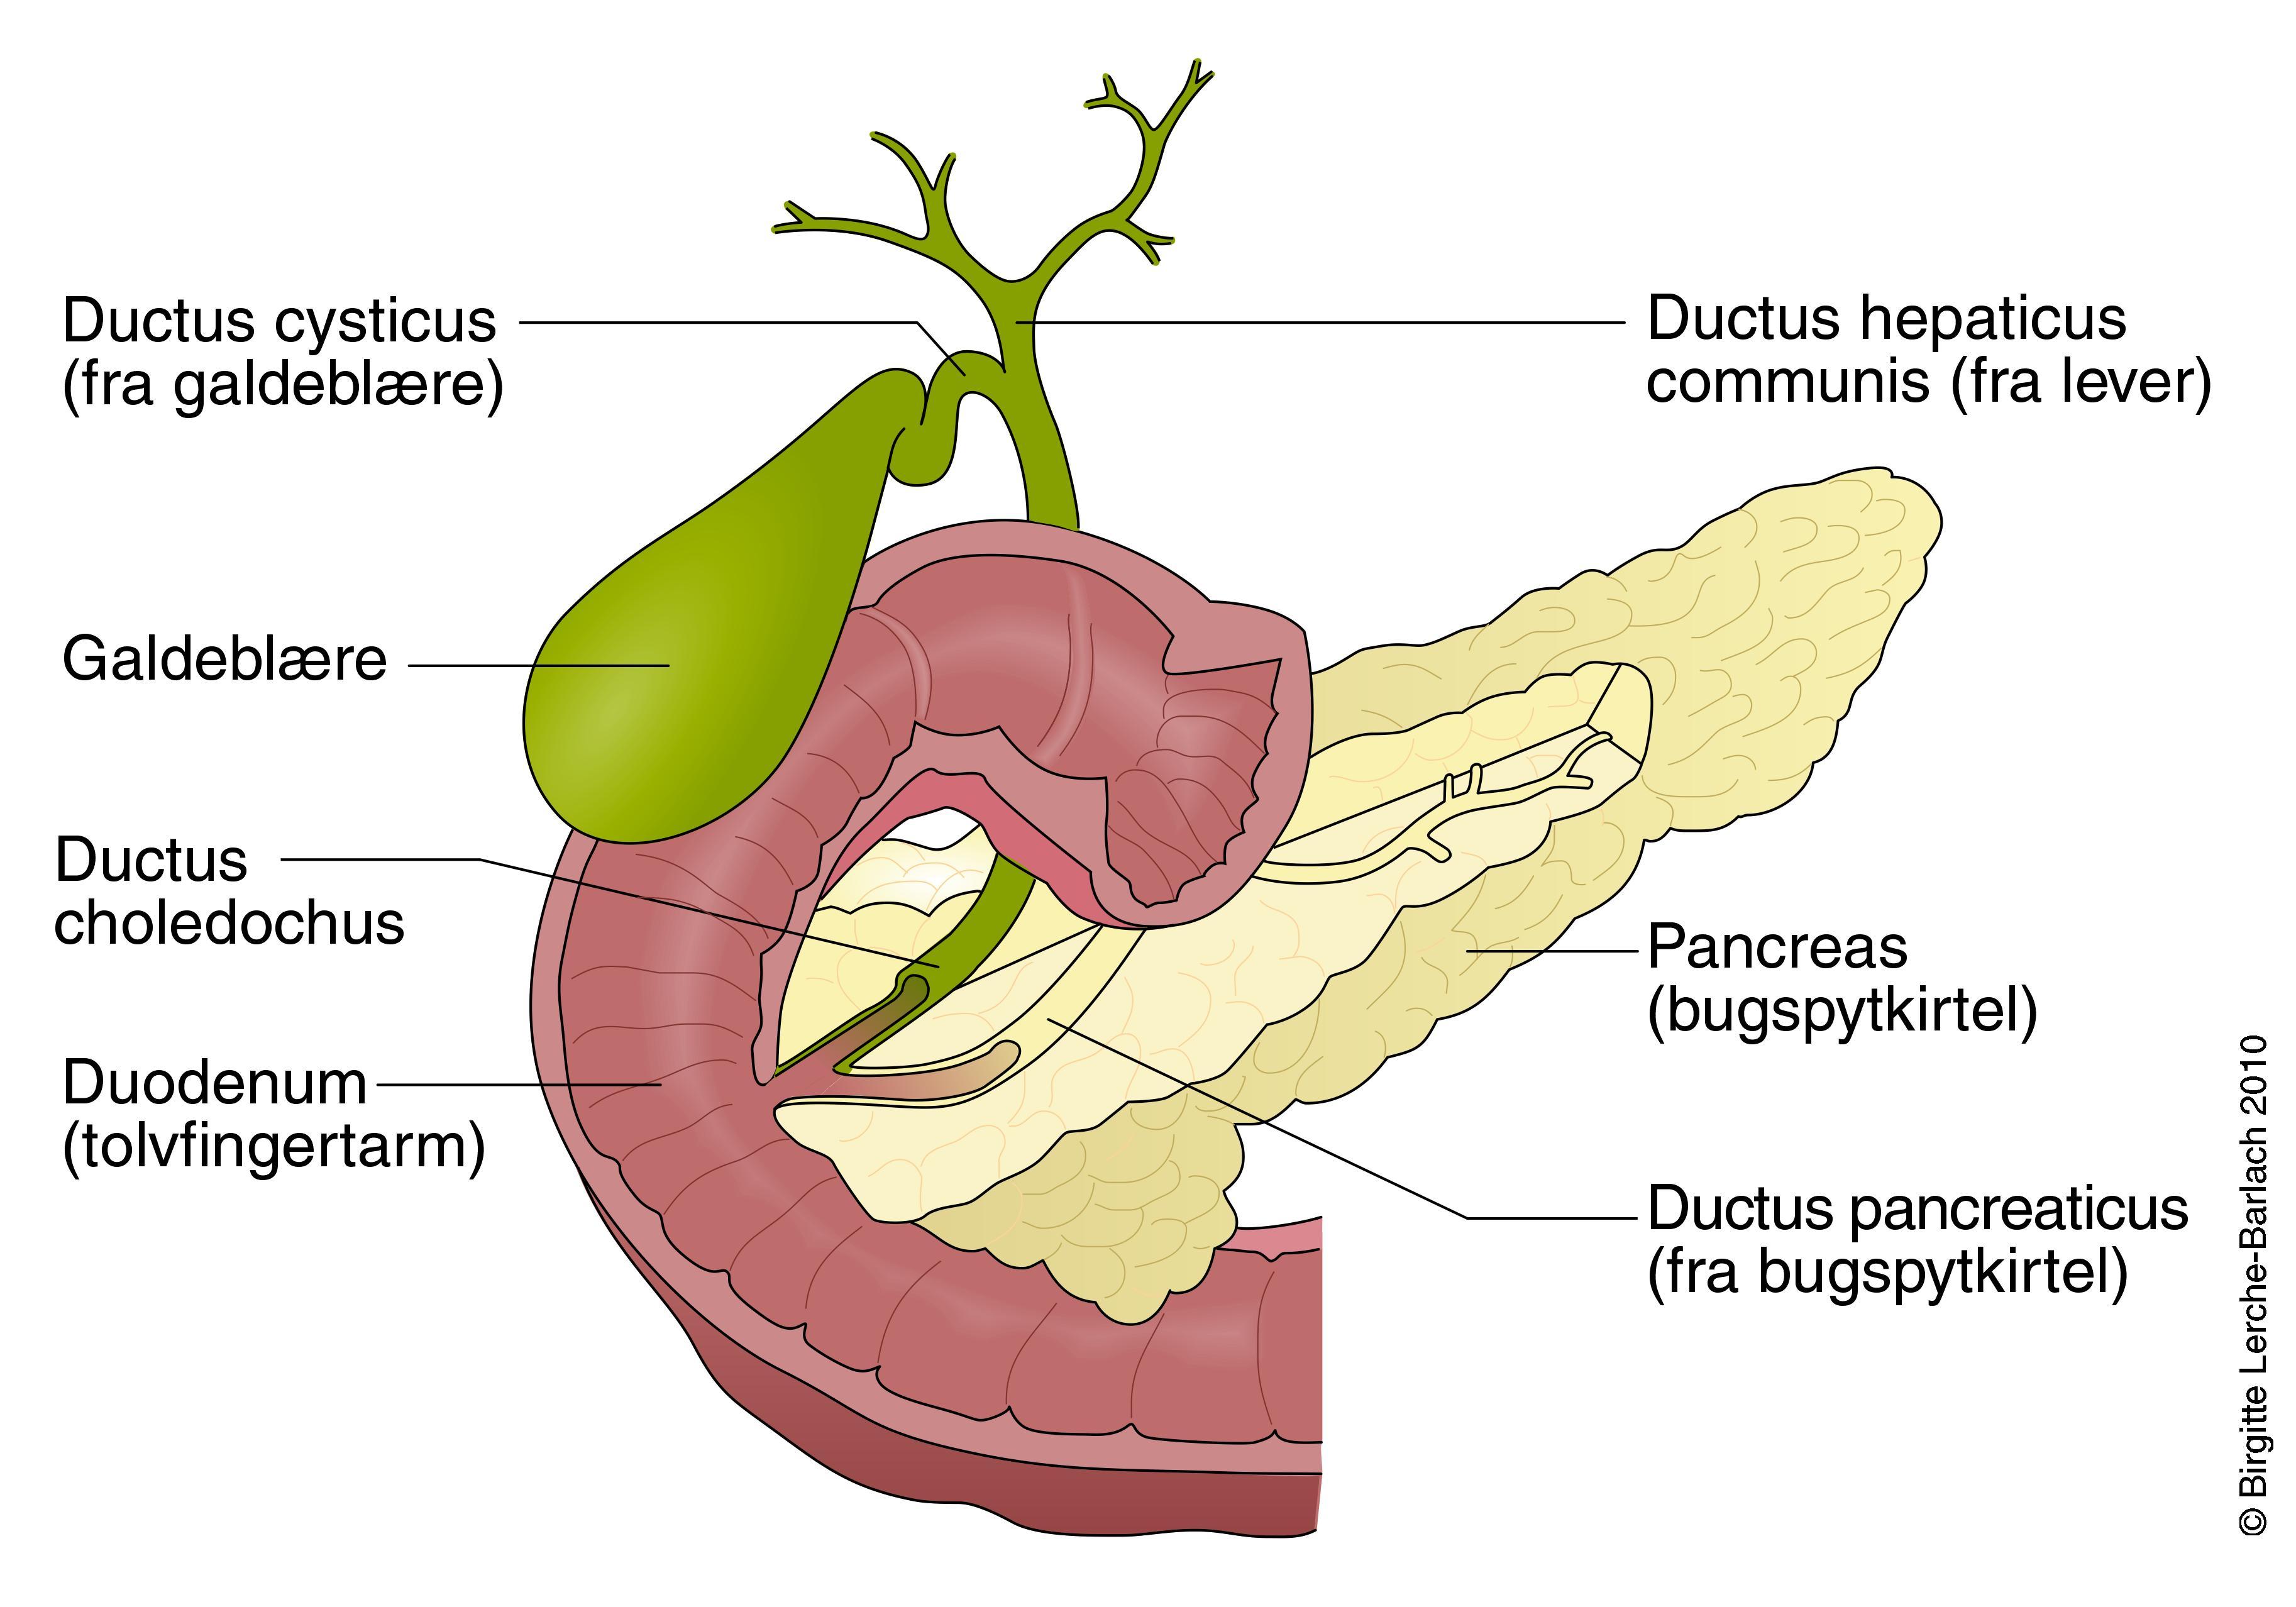 symptomer på sprængt galdeblære